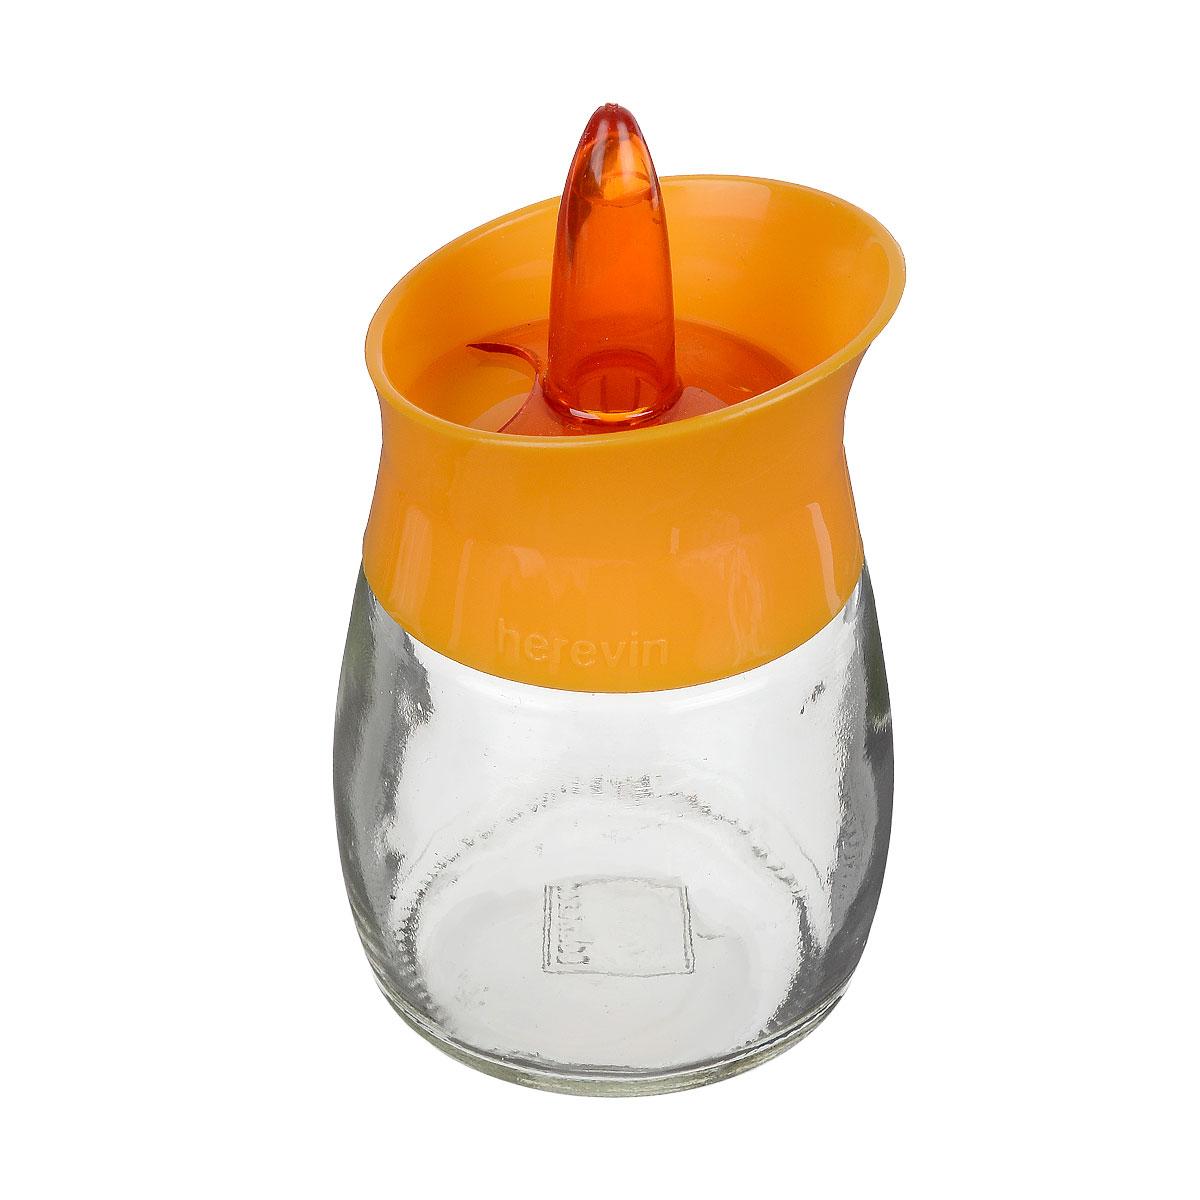 Банка для специй Herevin, цвет: прозрачный, оранжевый, 200 мл. 131260-000131260-000 оранжевыйБанка для специй Herevin выполнена из прозрачного стекла иоснащена пластиковой цветной крышкой с отверстиями разного размера,благодаря которым, вы сможете приправить блюда, просто перевернув банку.Крышка снабжена поворотным механизмом, благодаря которому вы сможетерегулировать степень подачи специй. Крышка легко откручивается, благодарячему засыпать приправу внутрь очень просто.Такая баночка станет достойным дополнением к вашему кухонному инвентарю. Можно мыть в посудомоечной машине. Диаметр (по верхнему краю): 5,5 см. Высота банки (без учета крышки): 7,5 см.